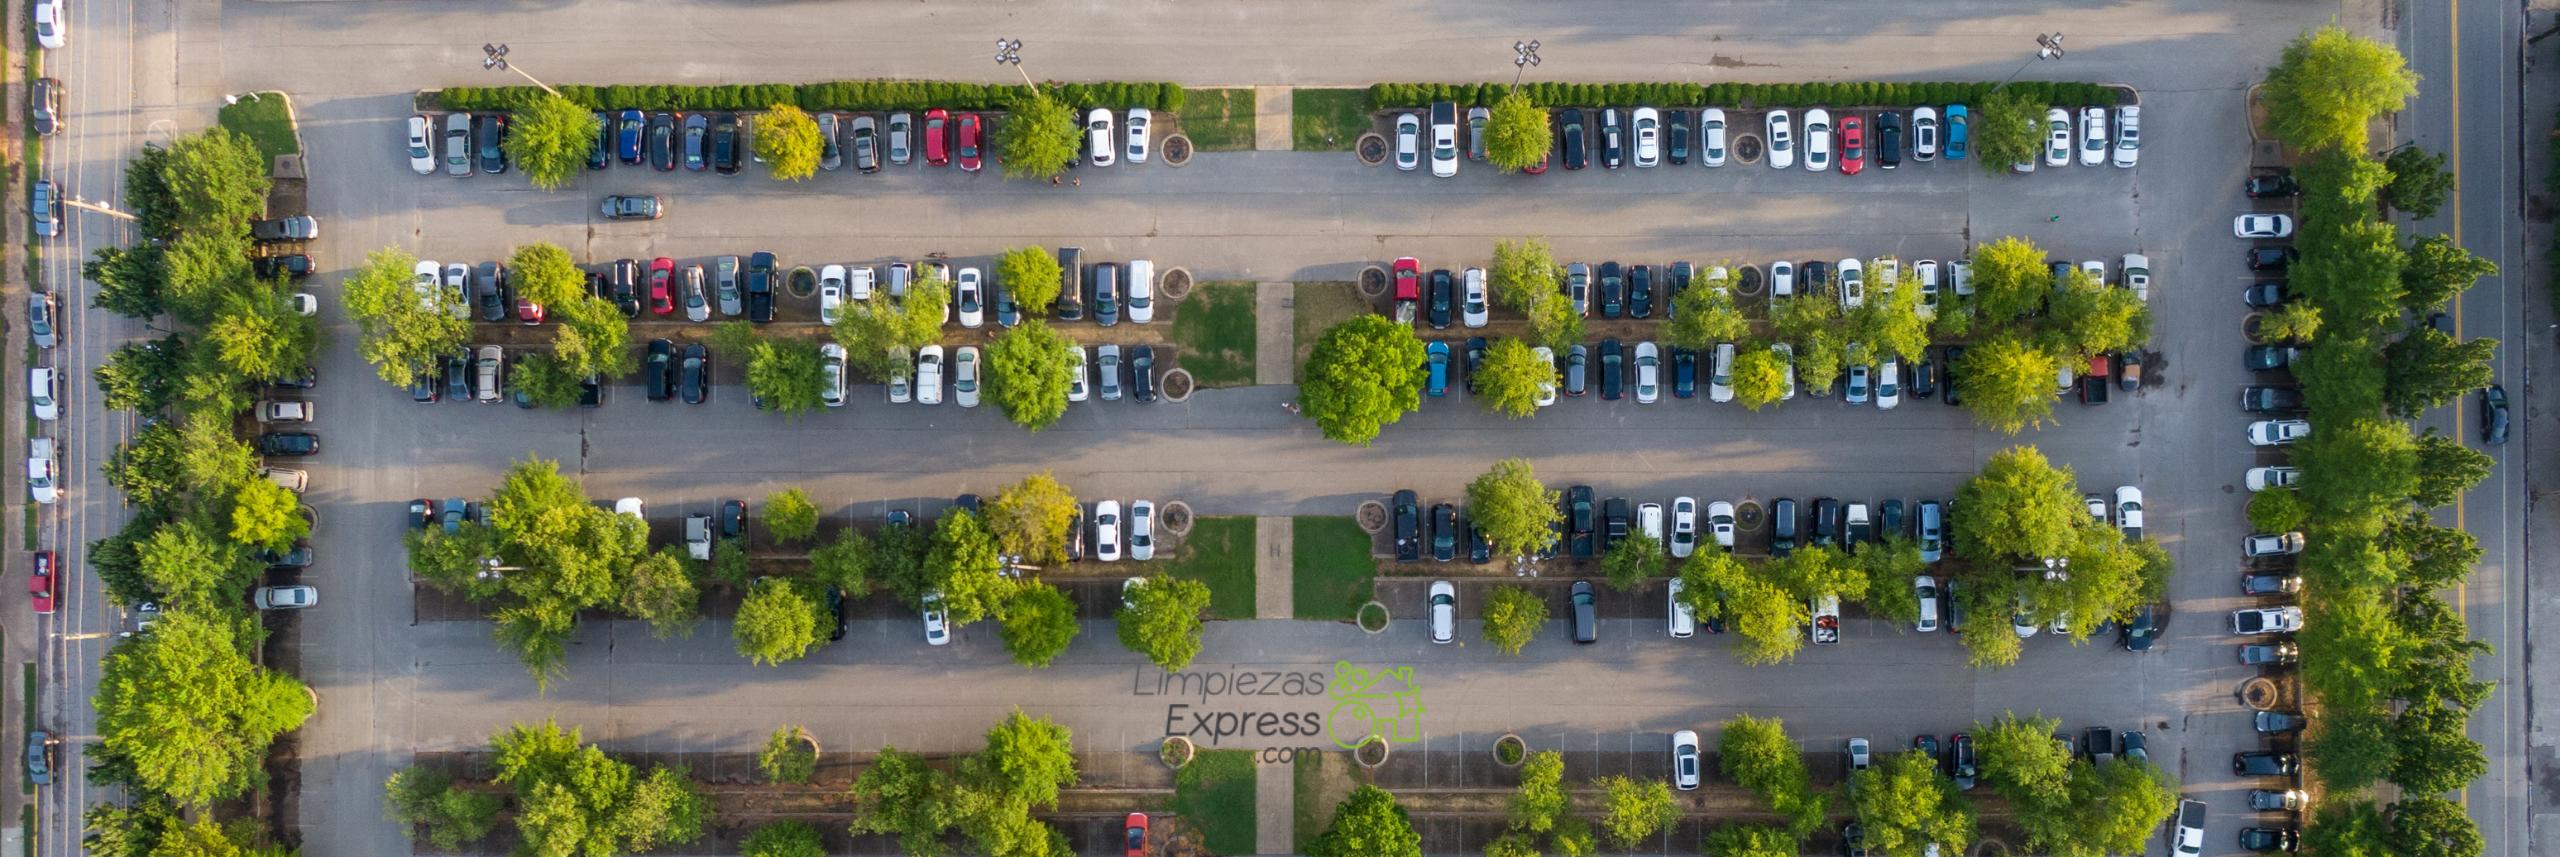 limpieza de garajes y parkings comunitarios